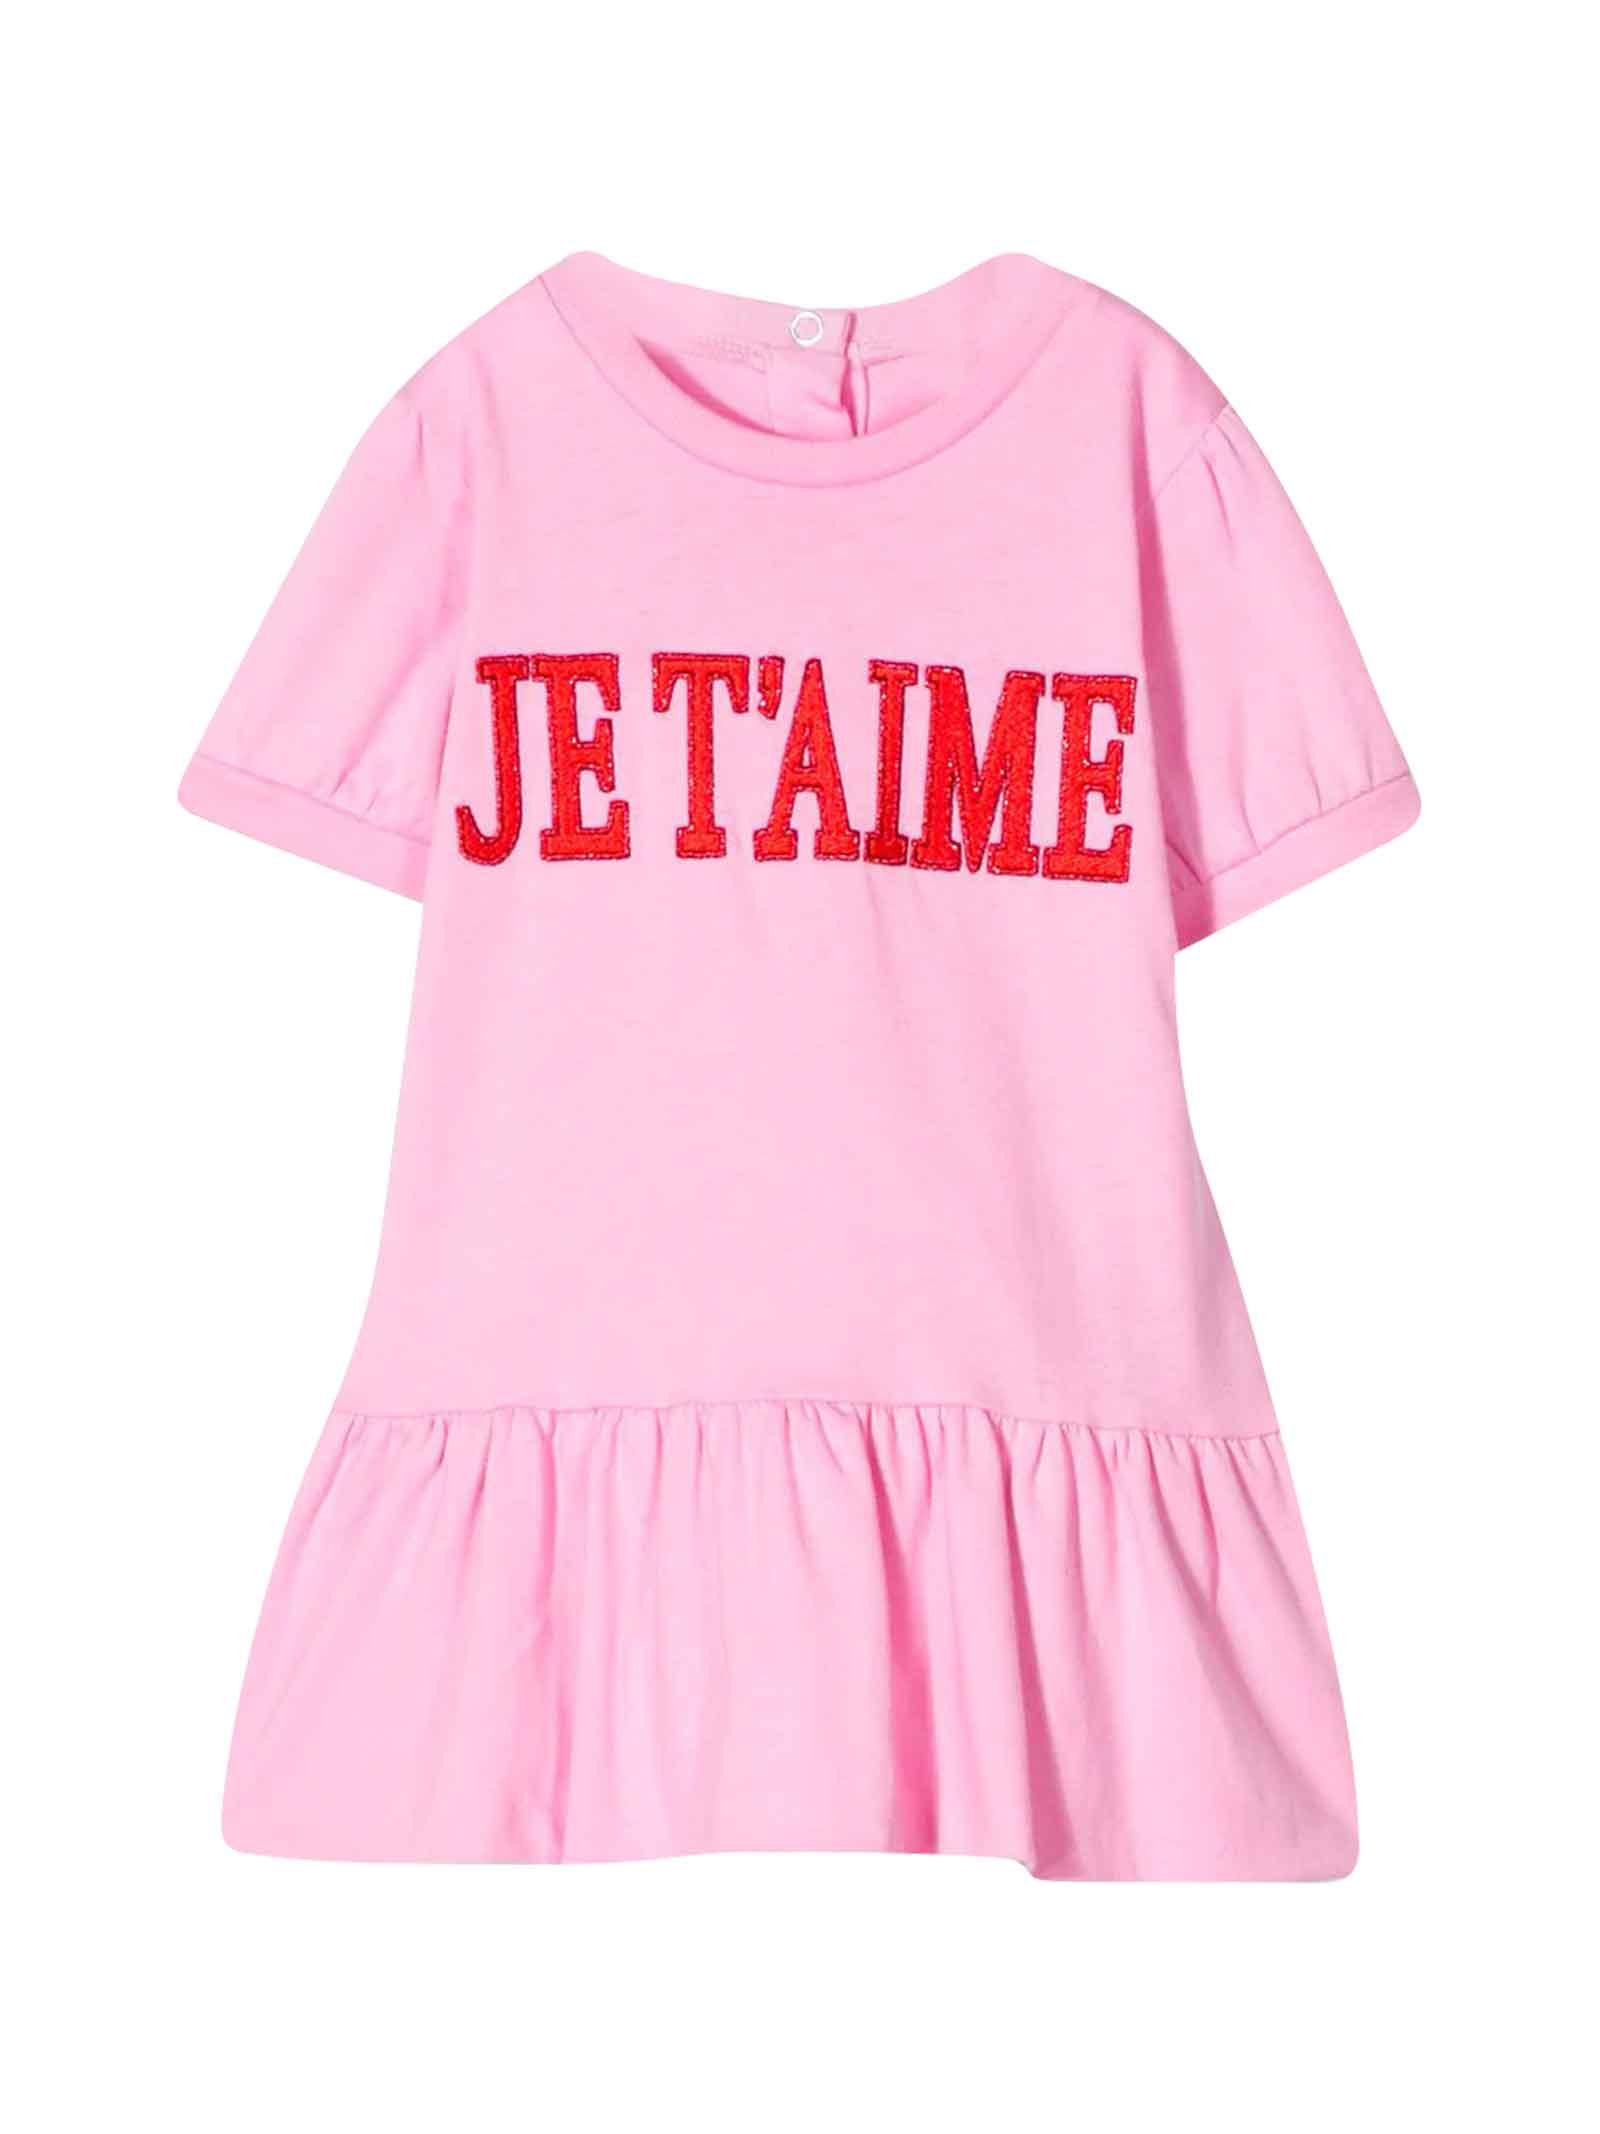 Buy Alberta Ferretti Pink Dress With Press online, shop Alberta Ferretti with free shipping